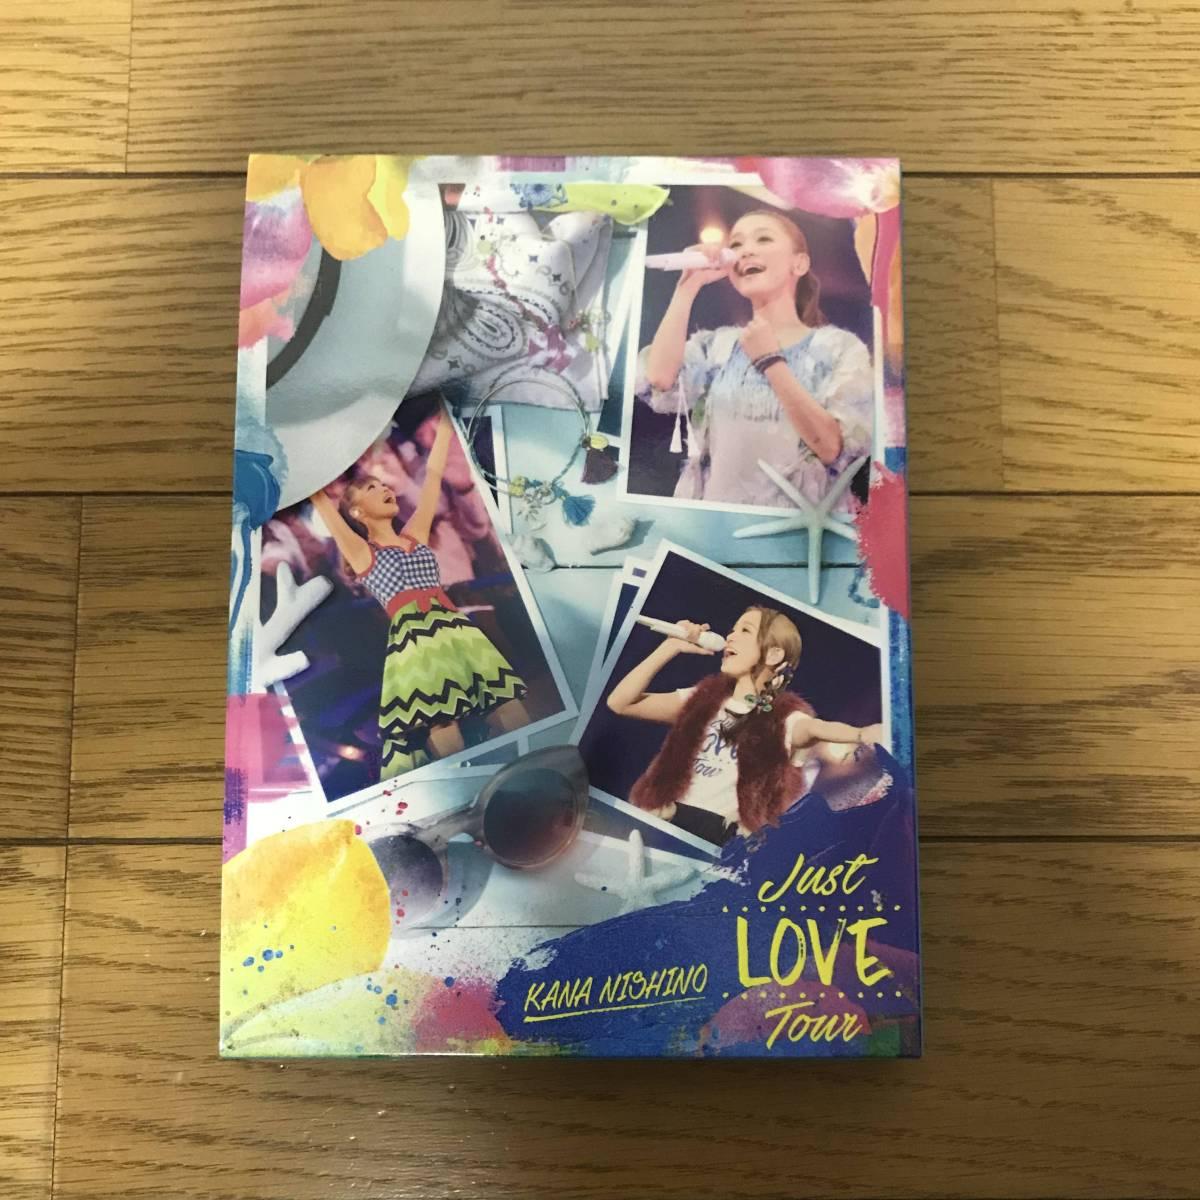 ●DVD 西野カナ Just LOVE Tour 初回生産限定盤 ライブ ライブグッズの画像